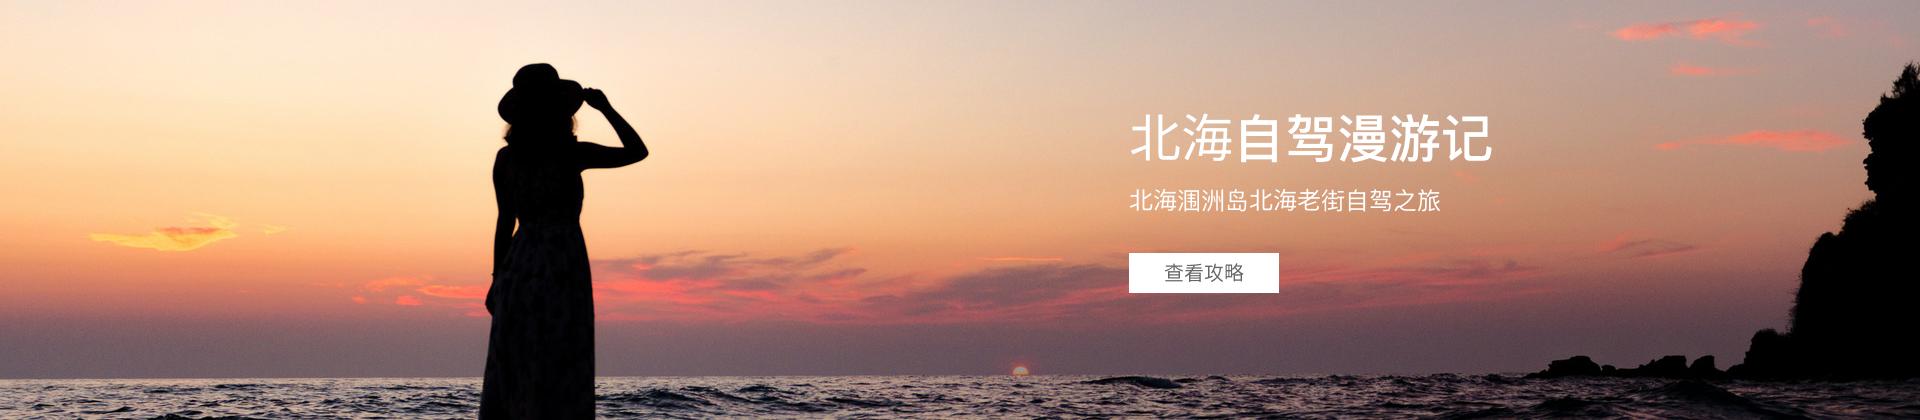 广西自驾游到北海有哪些好玩的景点,广西北海旅游景点攻略